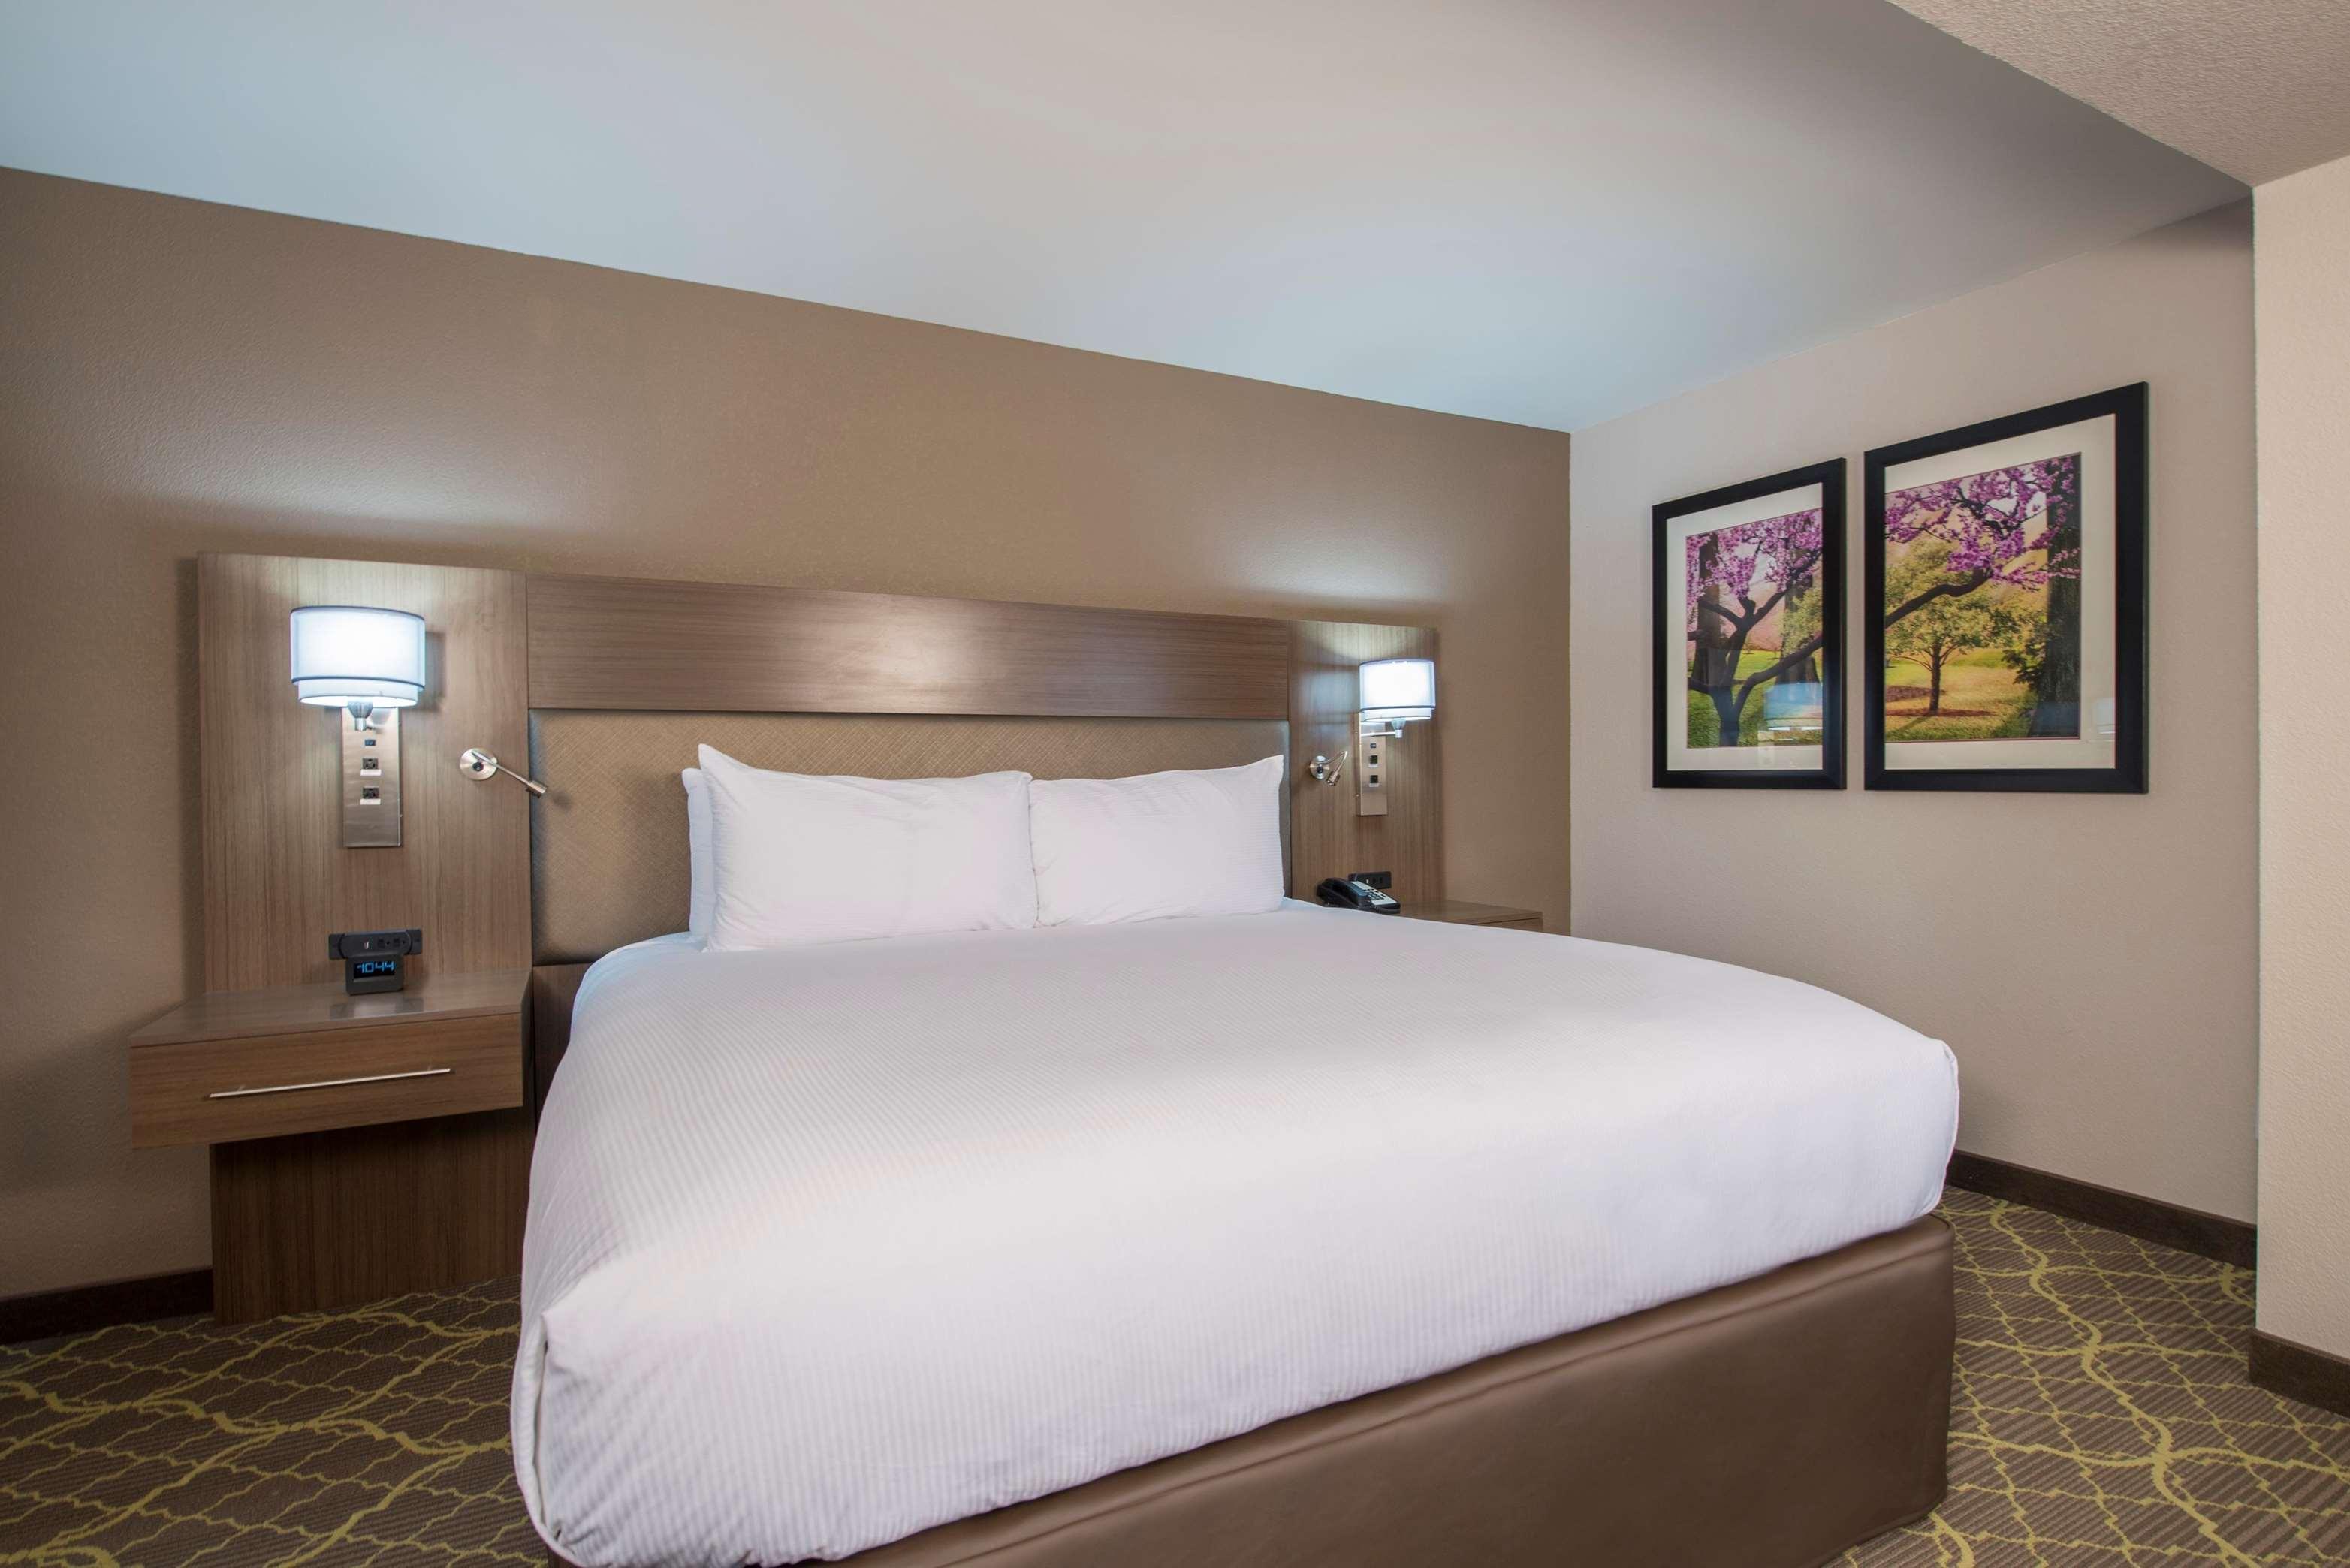 DoubleTree by Hilton Hotel Winston Salem - University image 3